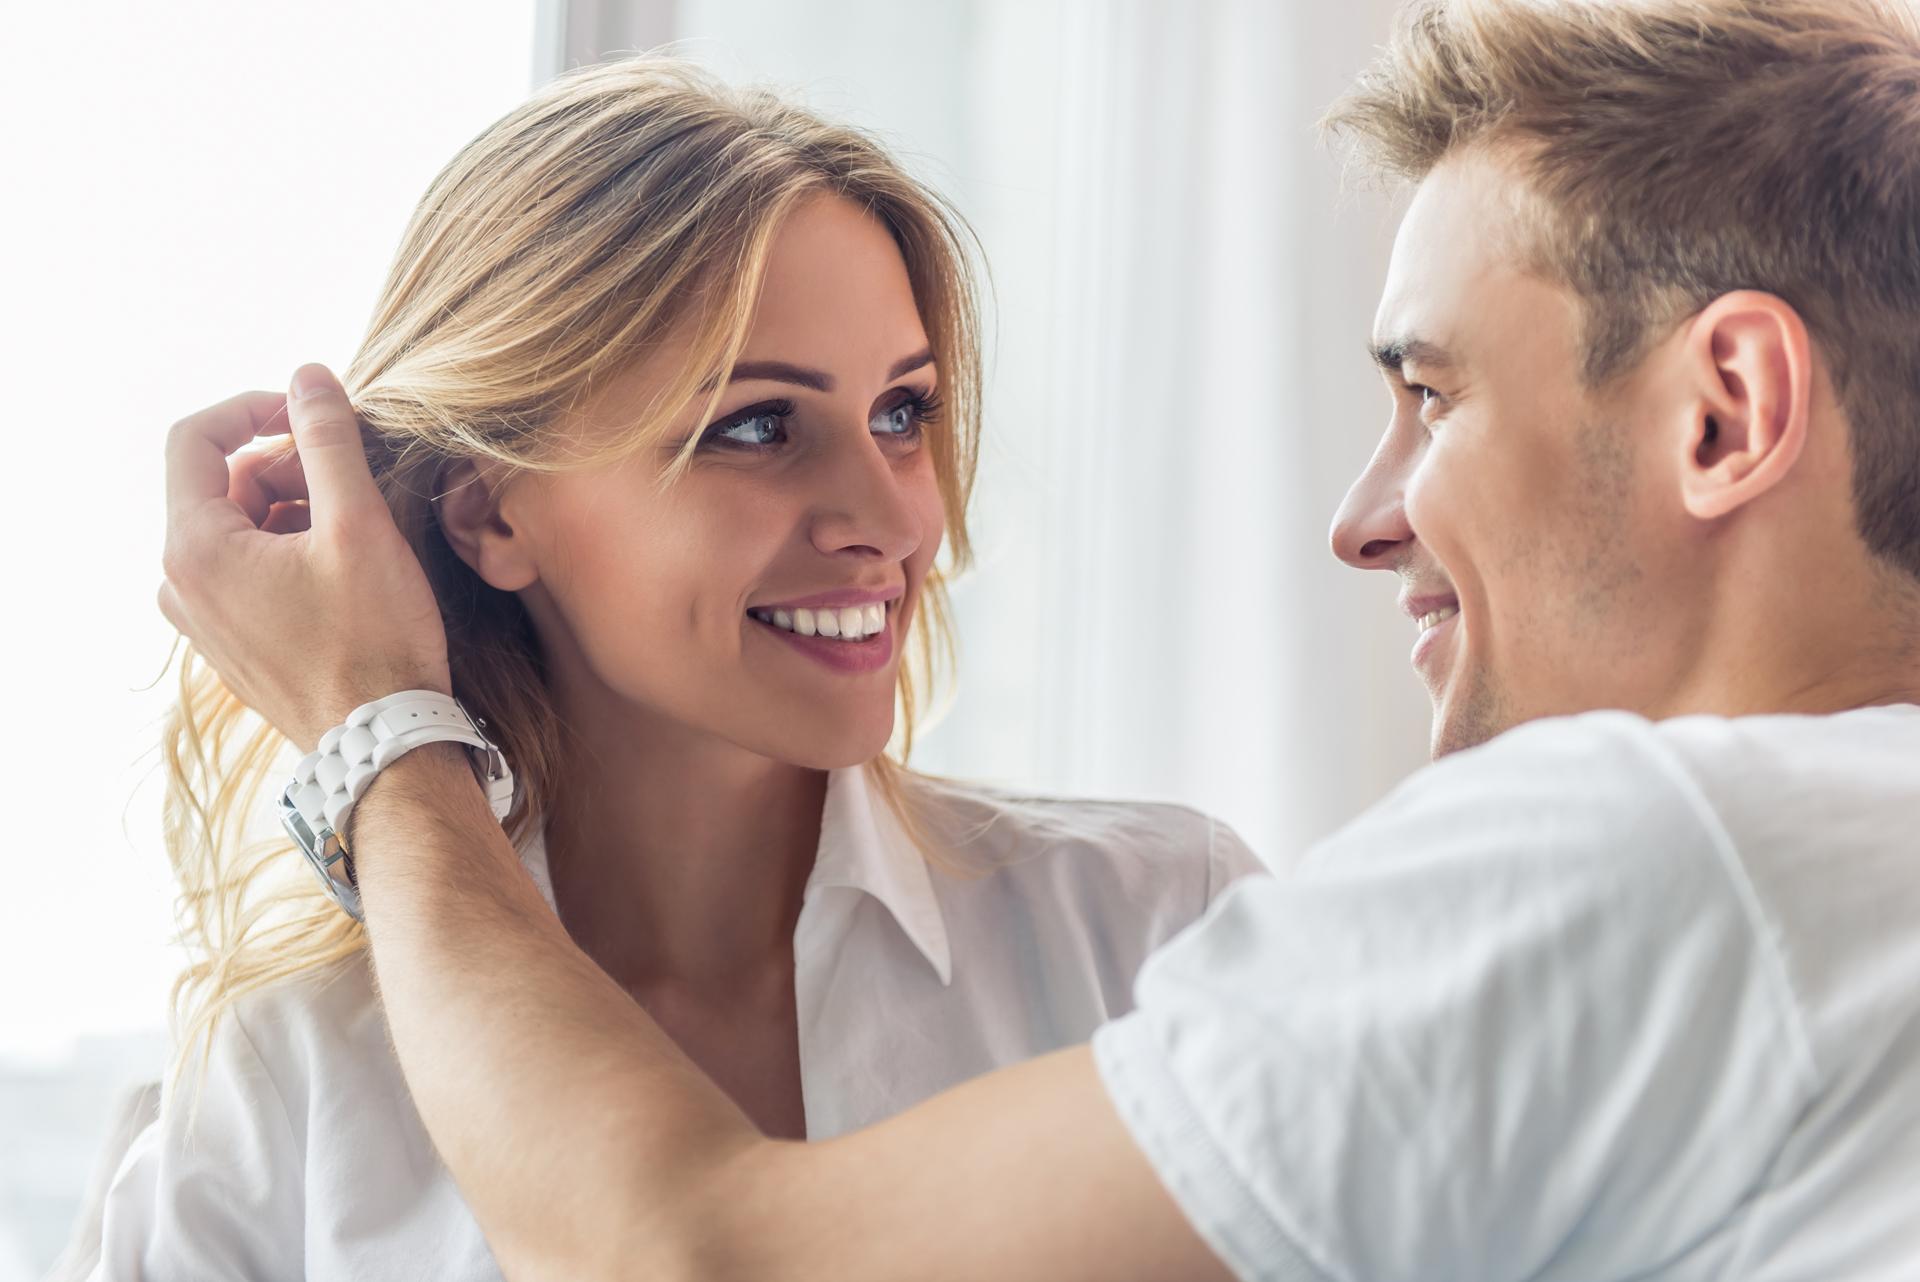 Hombres y mujeres prefieren los ojos cuando se trata de iniciar una relación seria y comprometida (iStock)